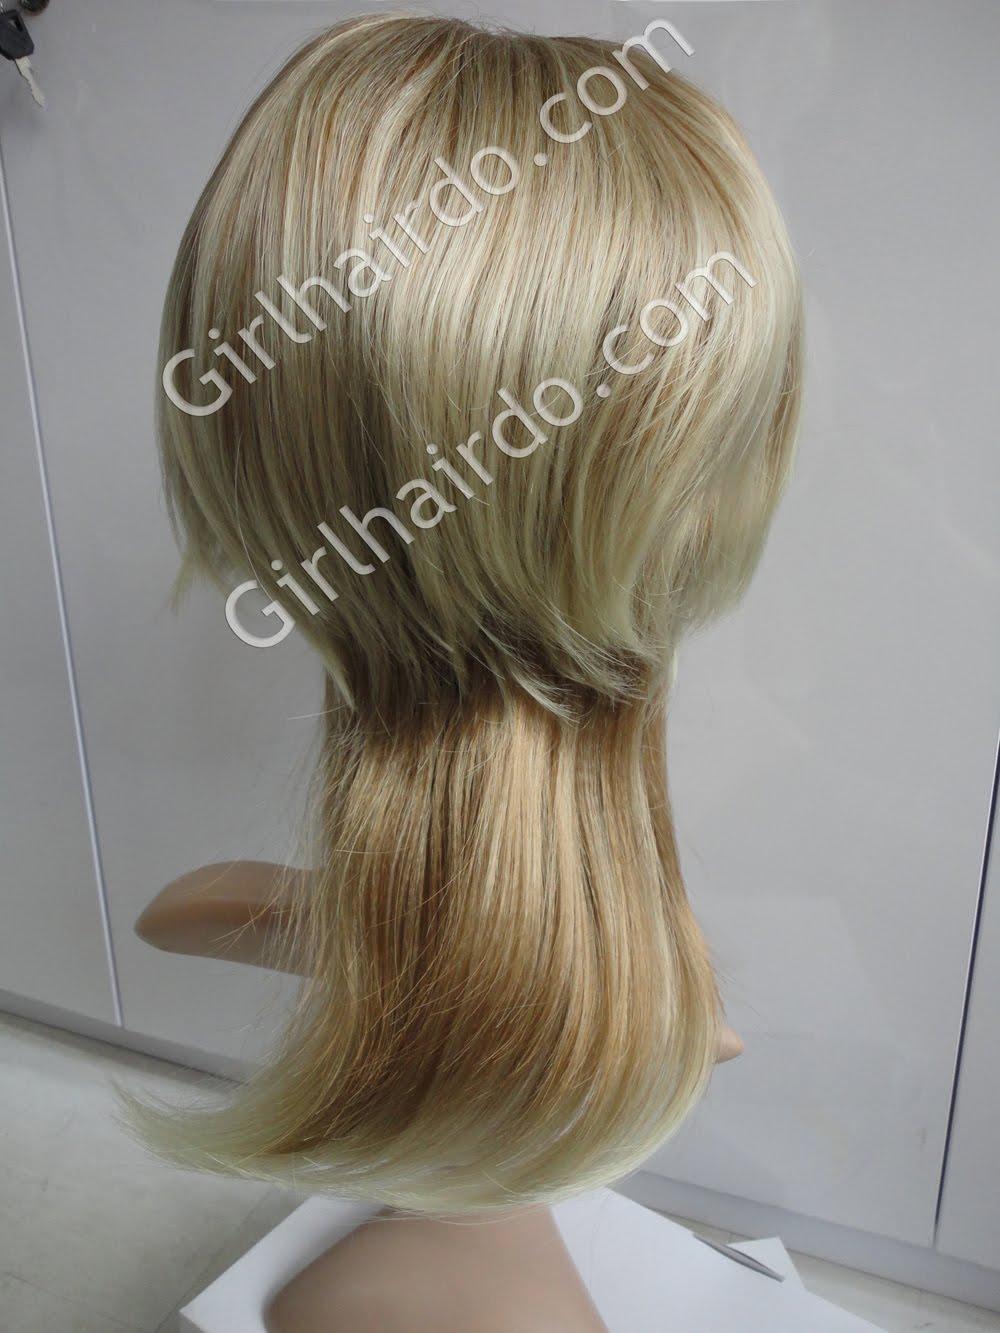 http://3.bp.blogspot.com/_L75C8J4IZqQ/TTbr-2jXo0I/AAAAAAAAAL4/HLz73NqHHj8/s1600/DSC00830bob.jpg